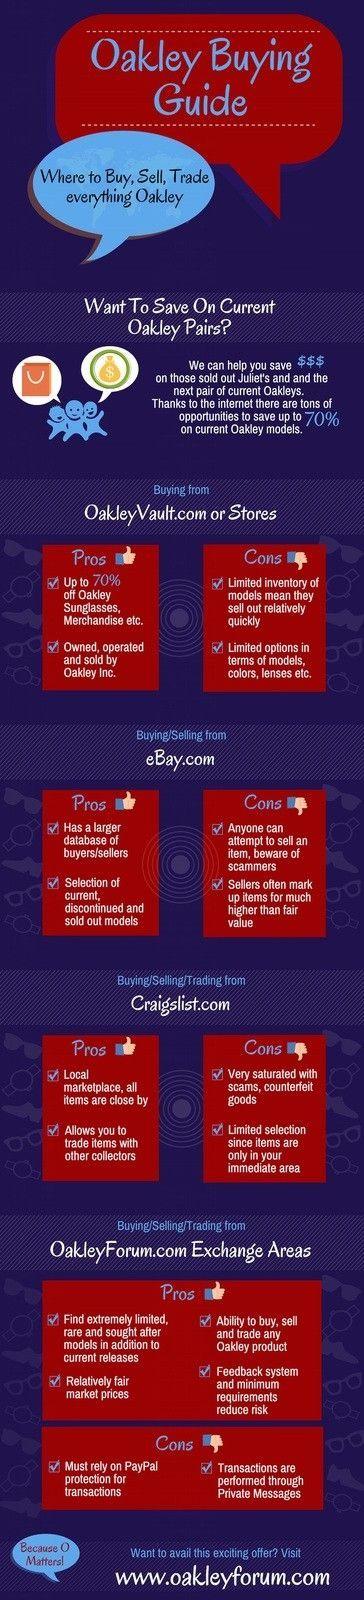 Oakley_Buying_Guide_OakleyForum.jpg